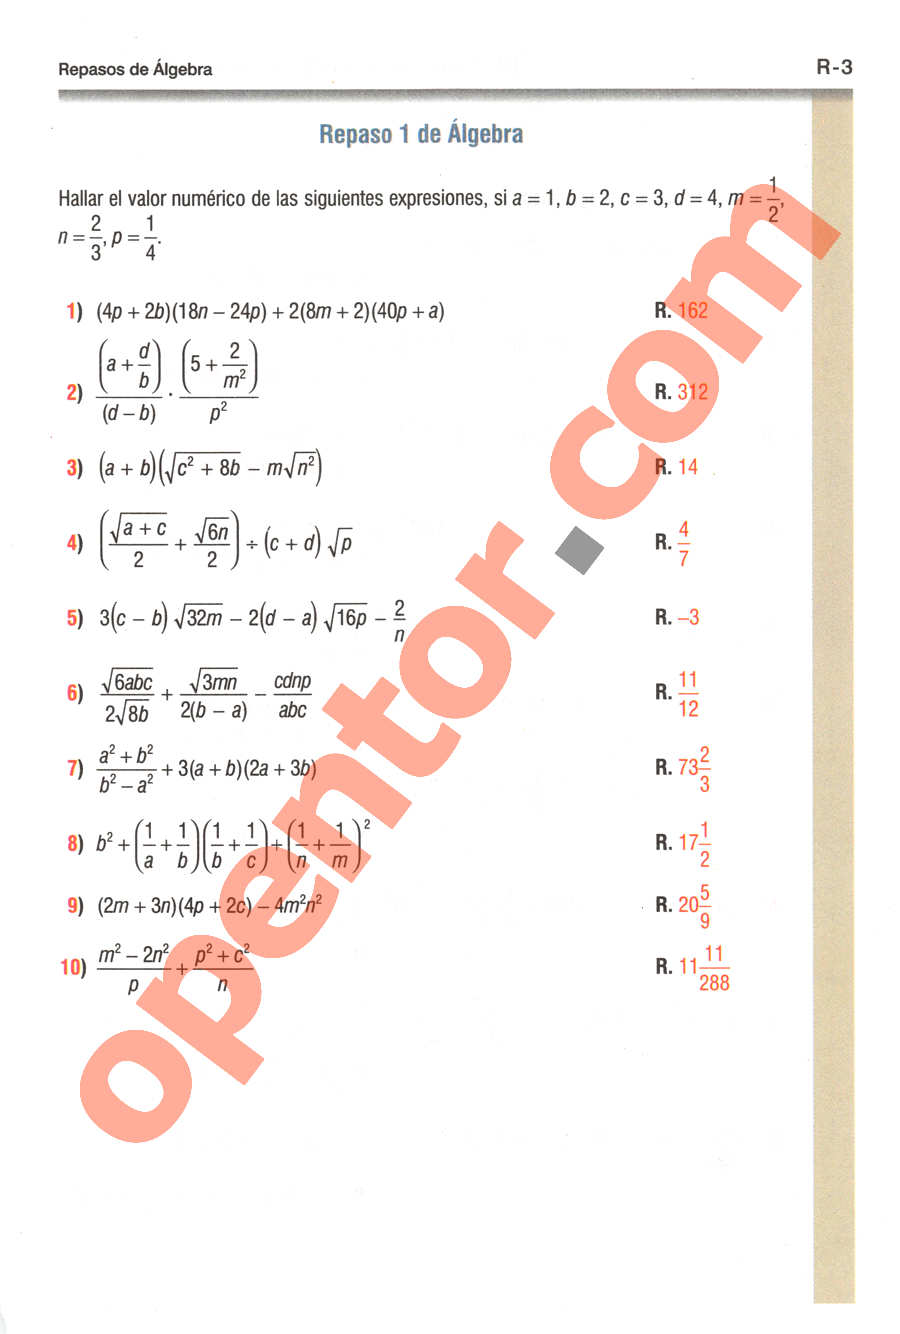 Geometría y Trigonometría de Baldor - Página R3